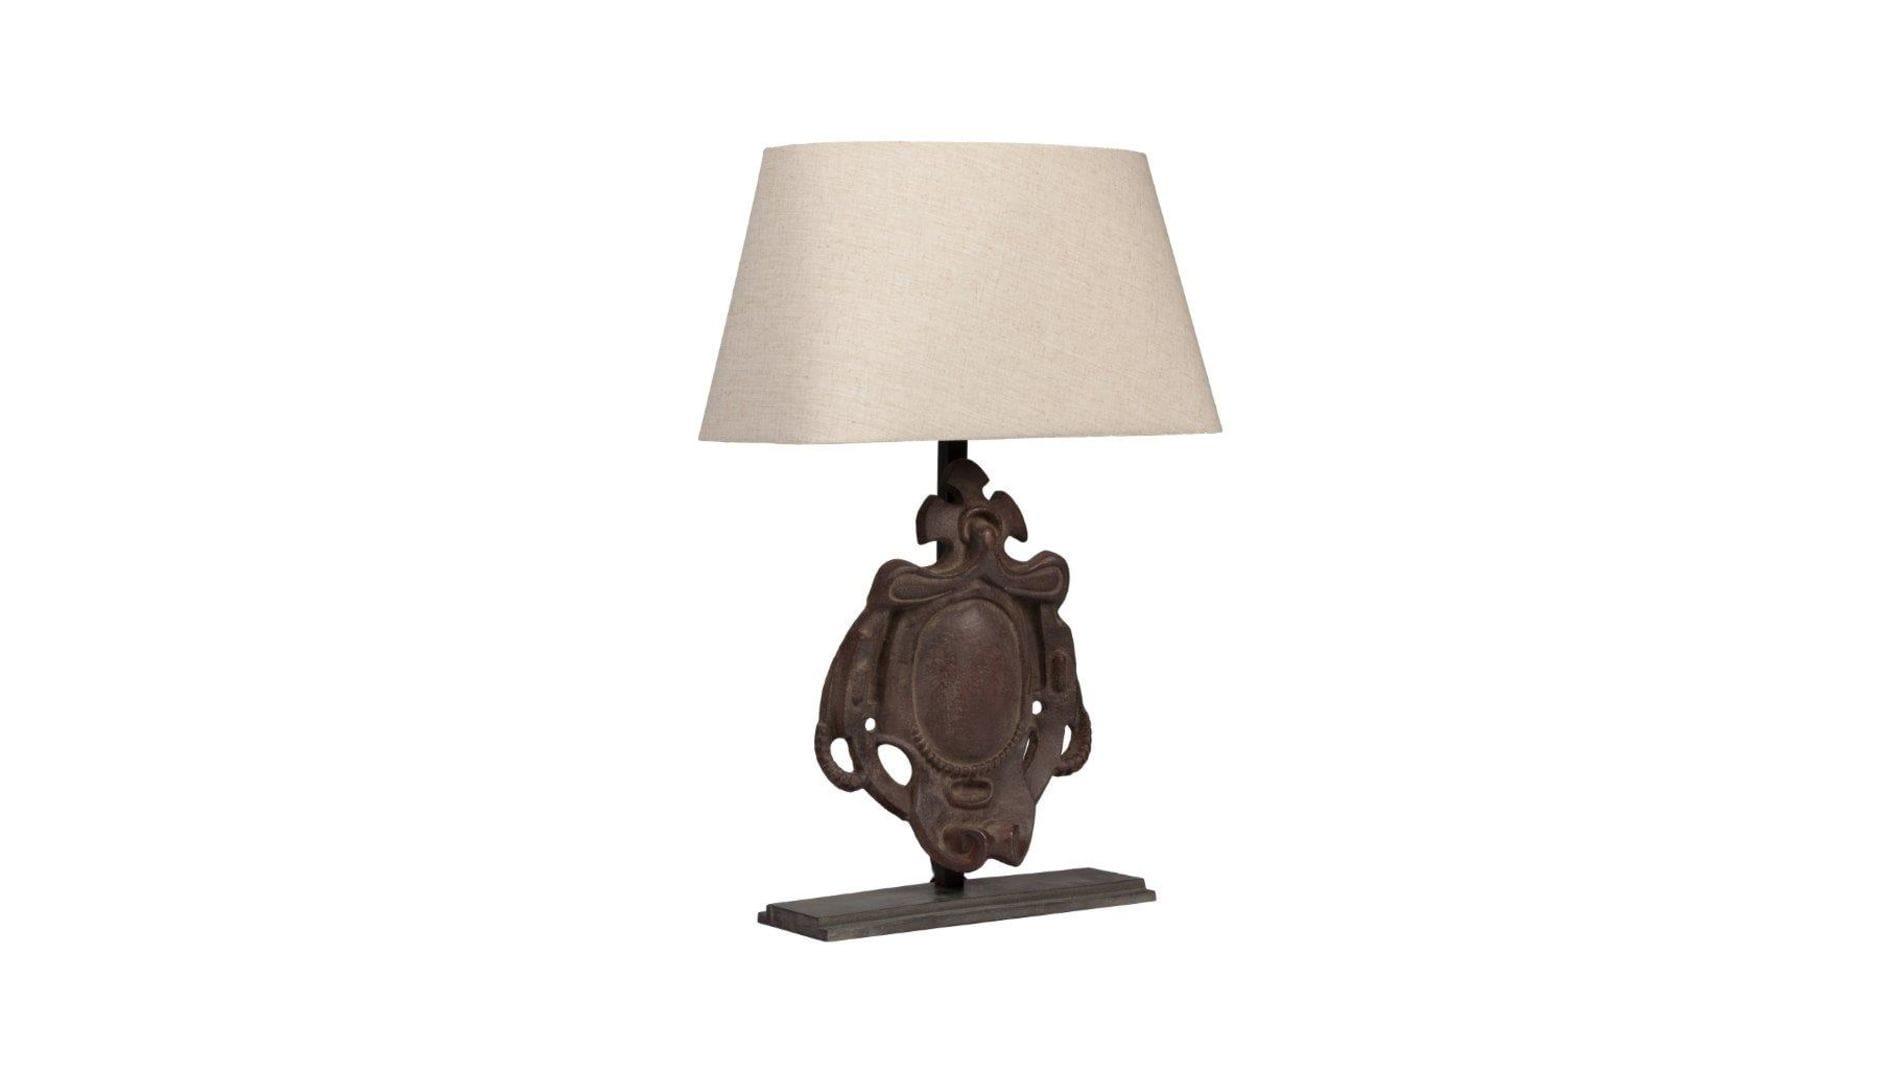 Настольная лампа Bruges Iron Shield Artifact